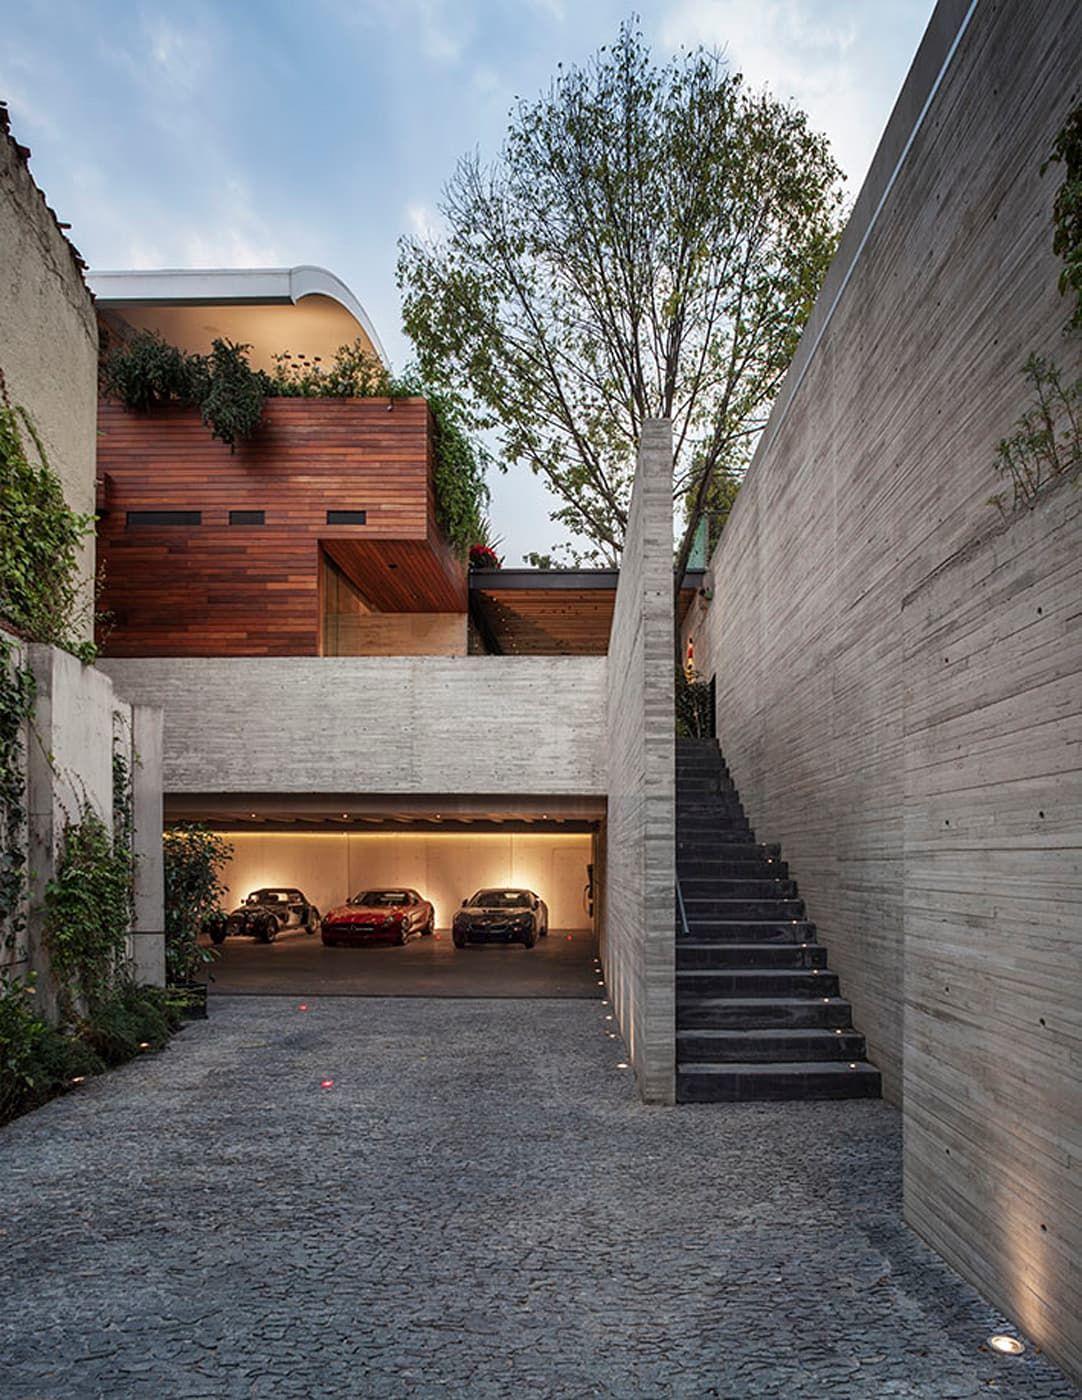 Acceso estacionamiento homify casas modernas concr